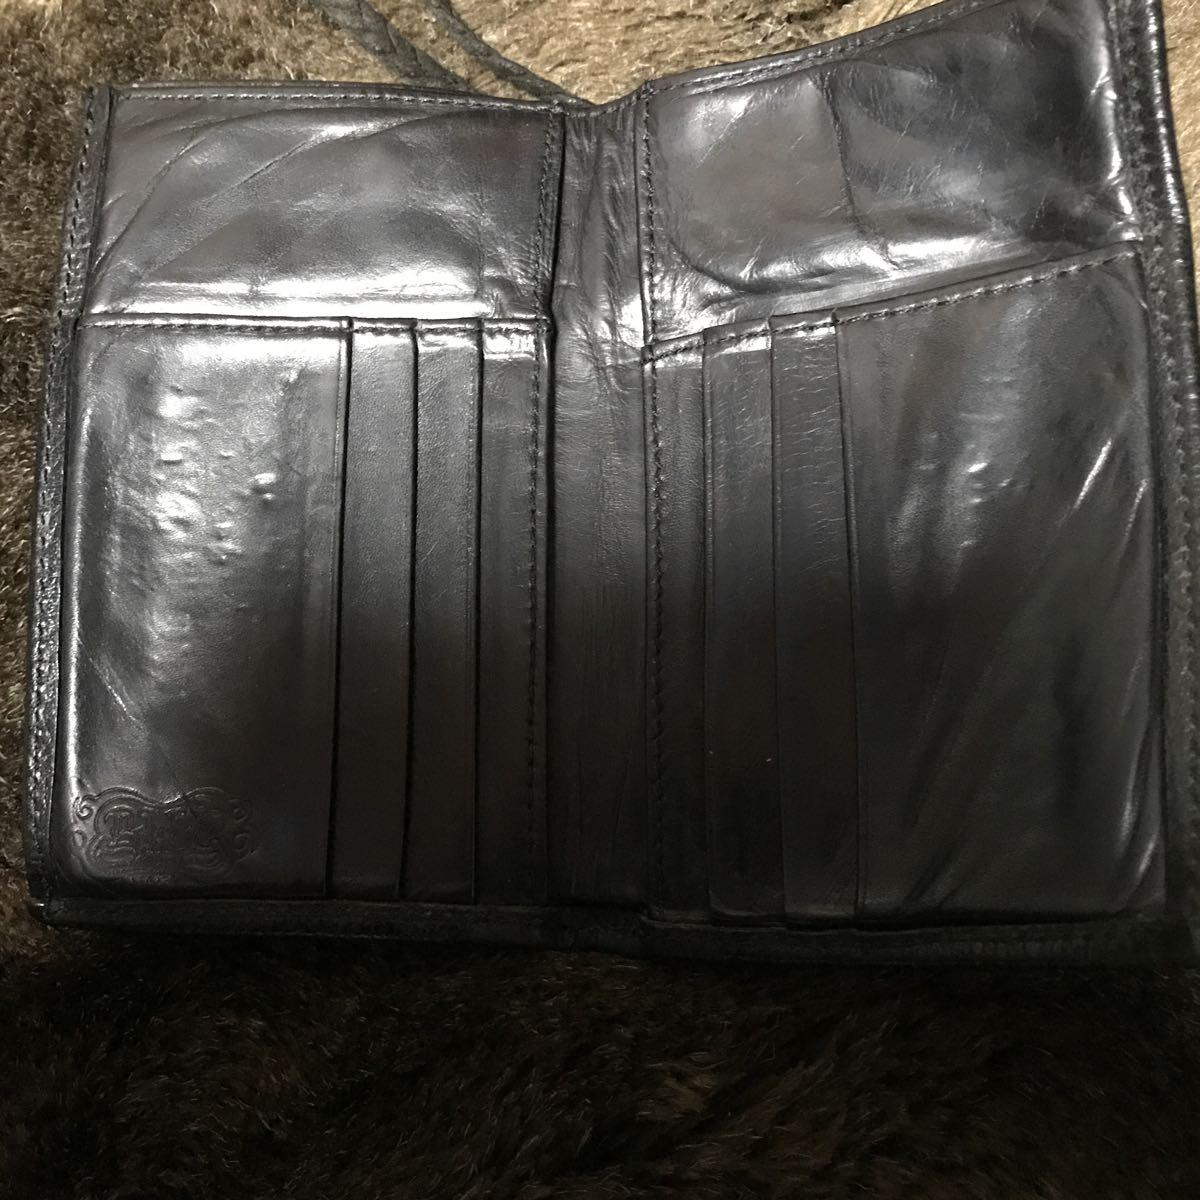 0424c3d50190 BWL ビルウォールレザー 二つ折りウォレット 財布 ストラップ付き_画像4